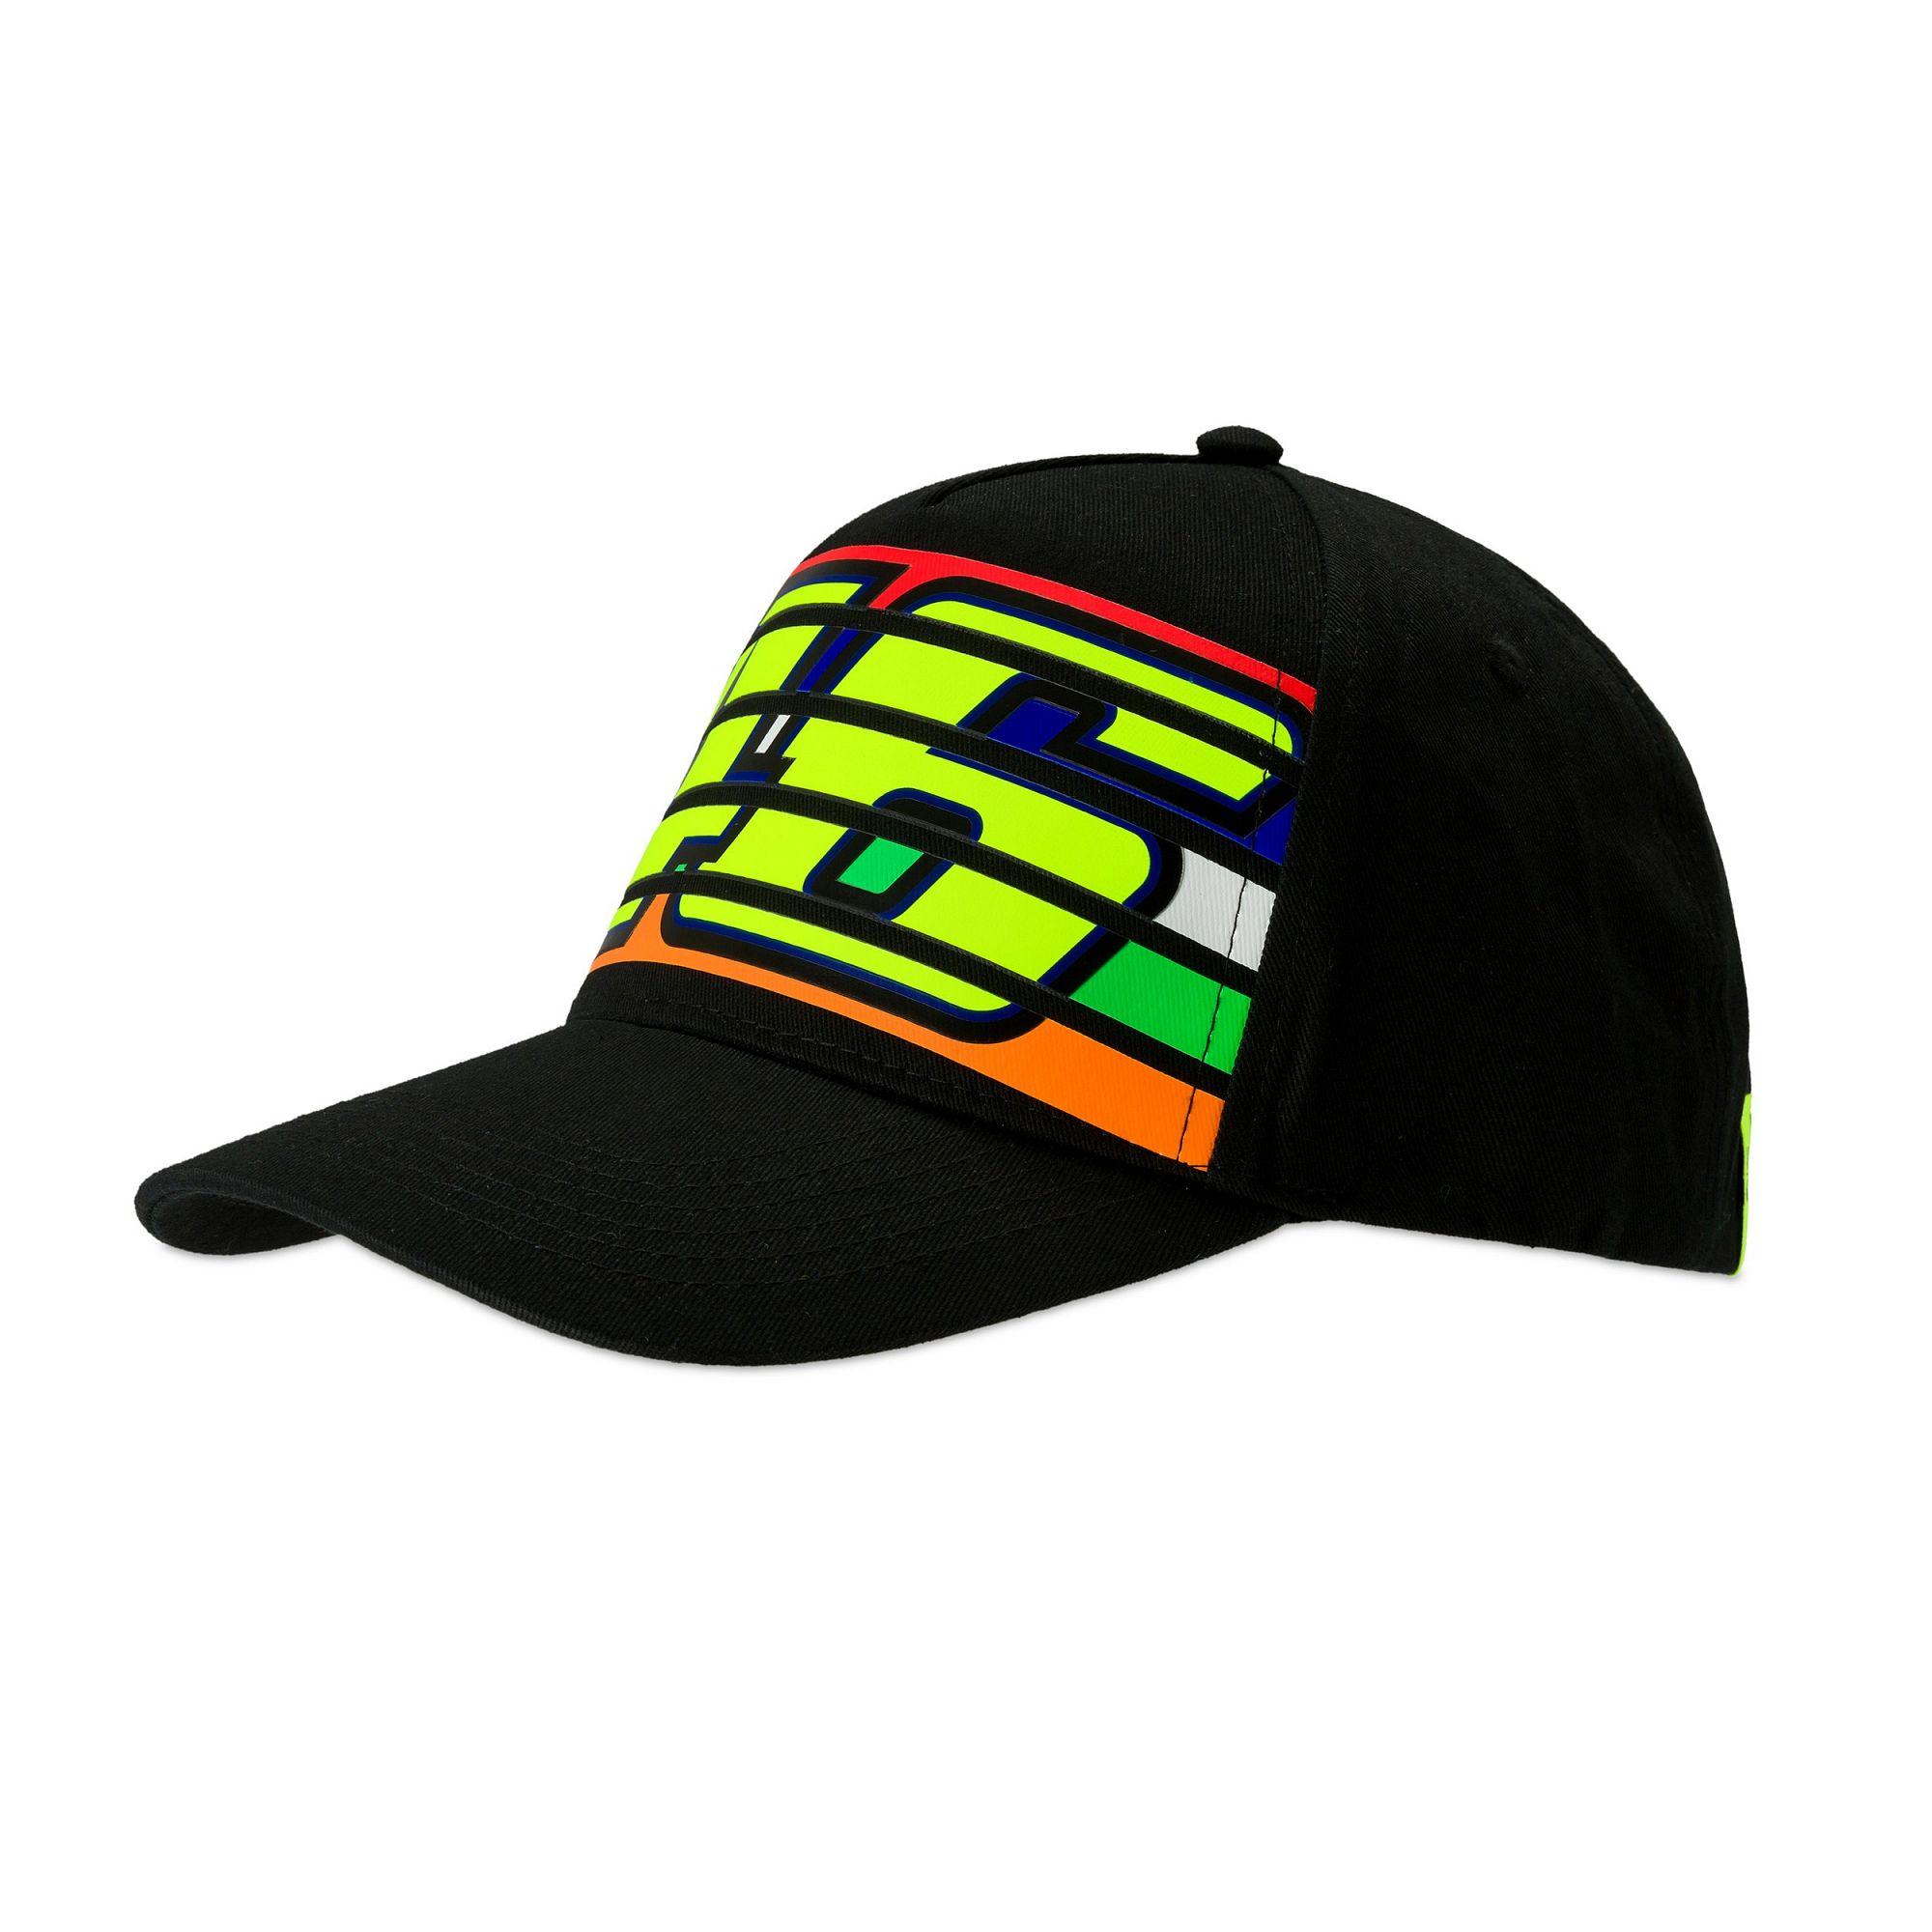 Šiltovka - Valentino Rossi - Black 46 Veľkosť: Jednotná